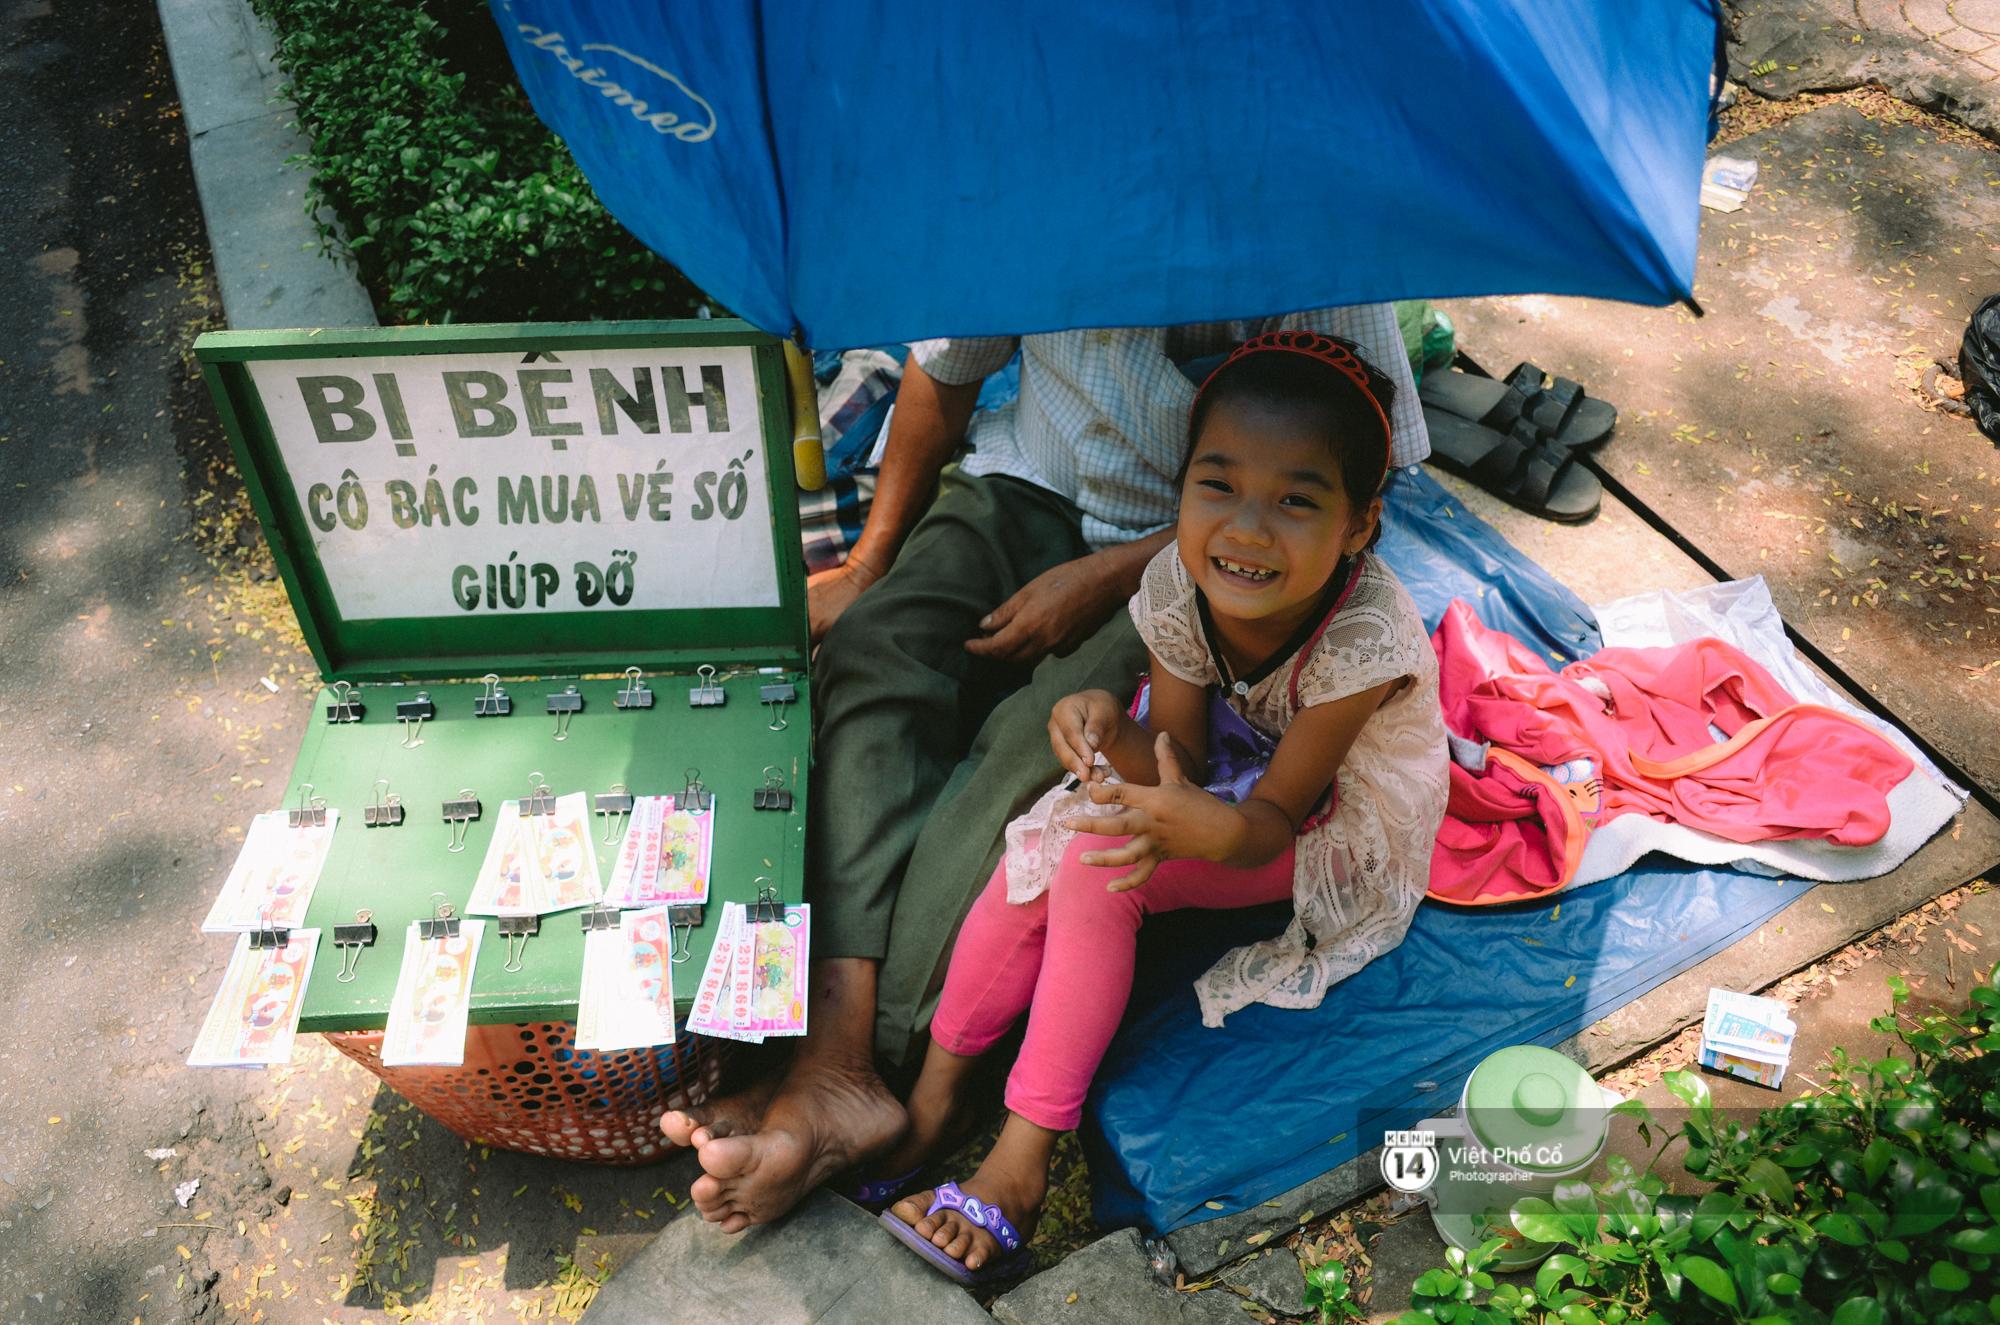 Gia đình vé số Sài Gòn: Ba mẹ ăn chuối luộc thay cơm, hai con gái không biết đến thịt cá - Ảnh 3.